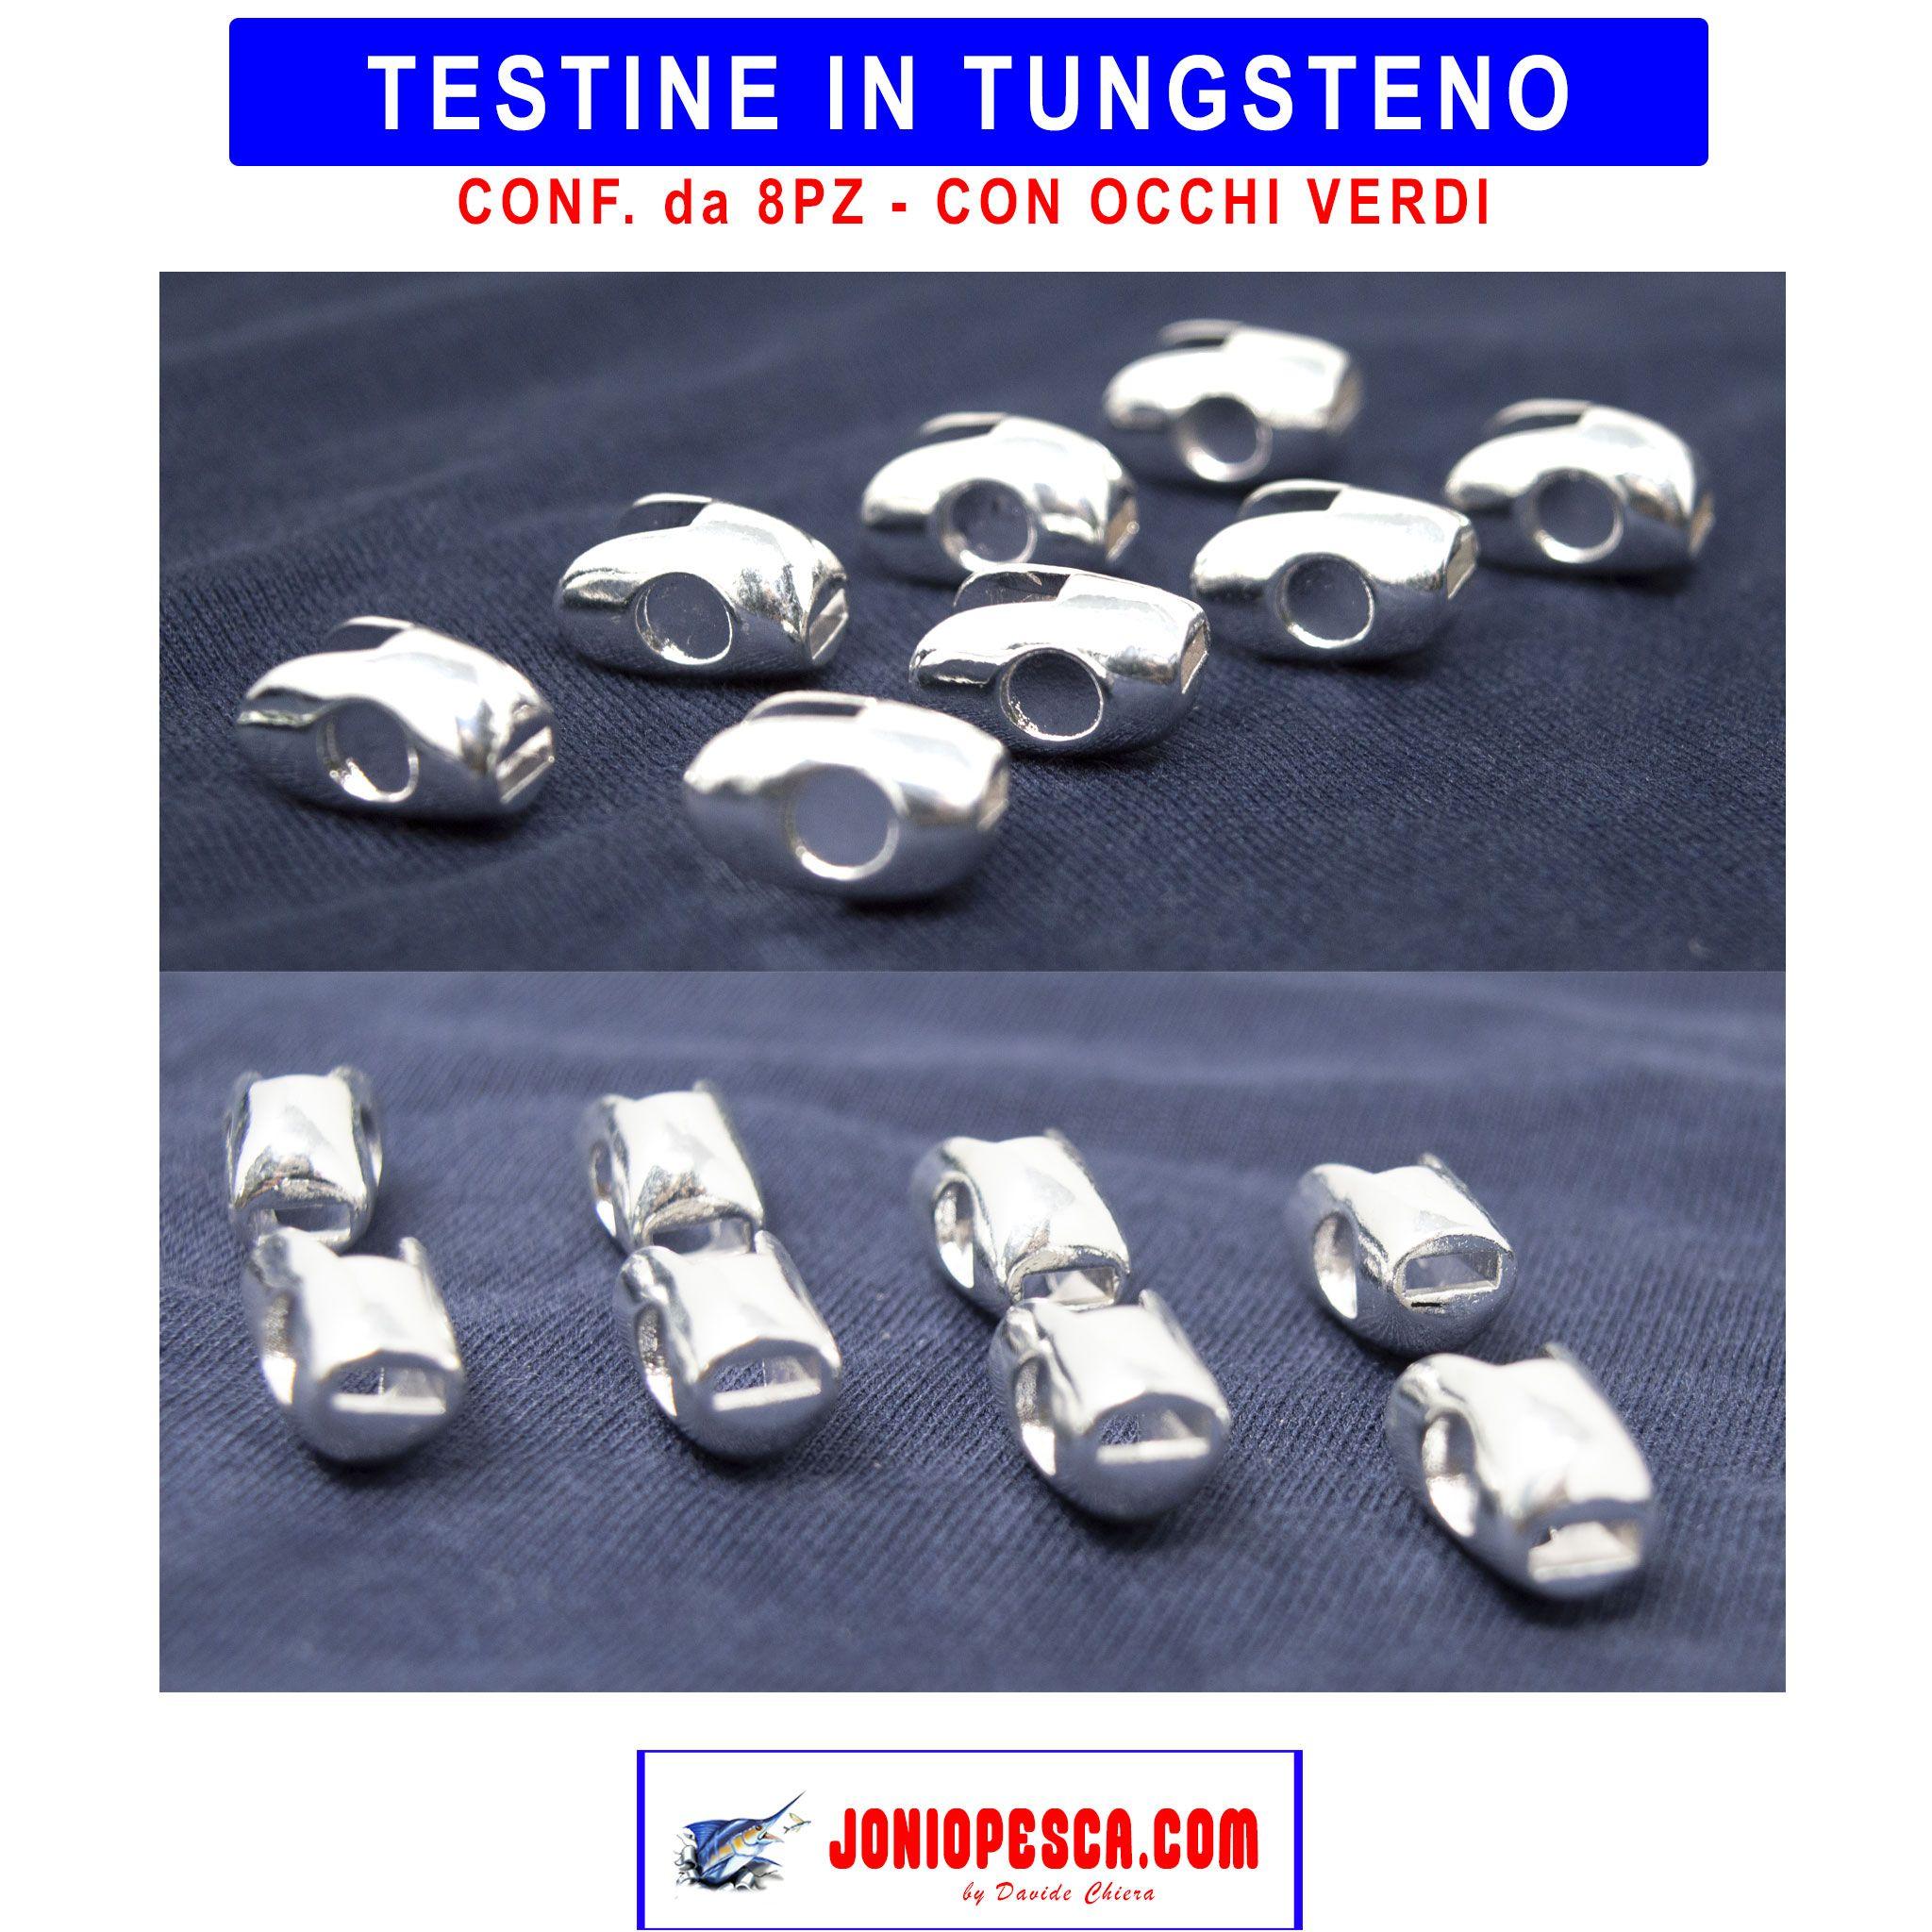 testine-in-tungsteno-1